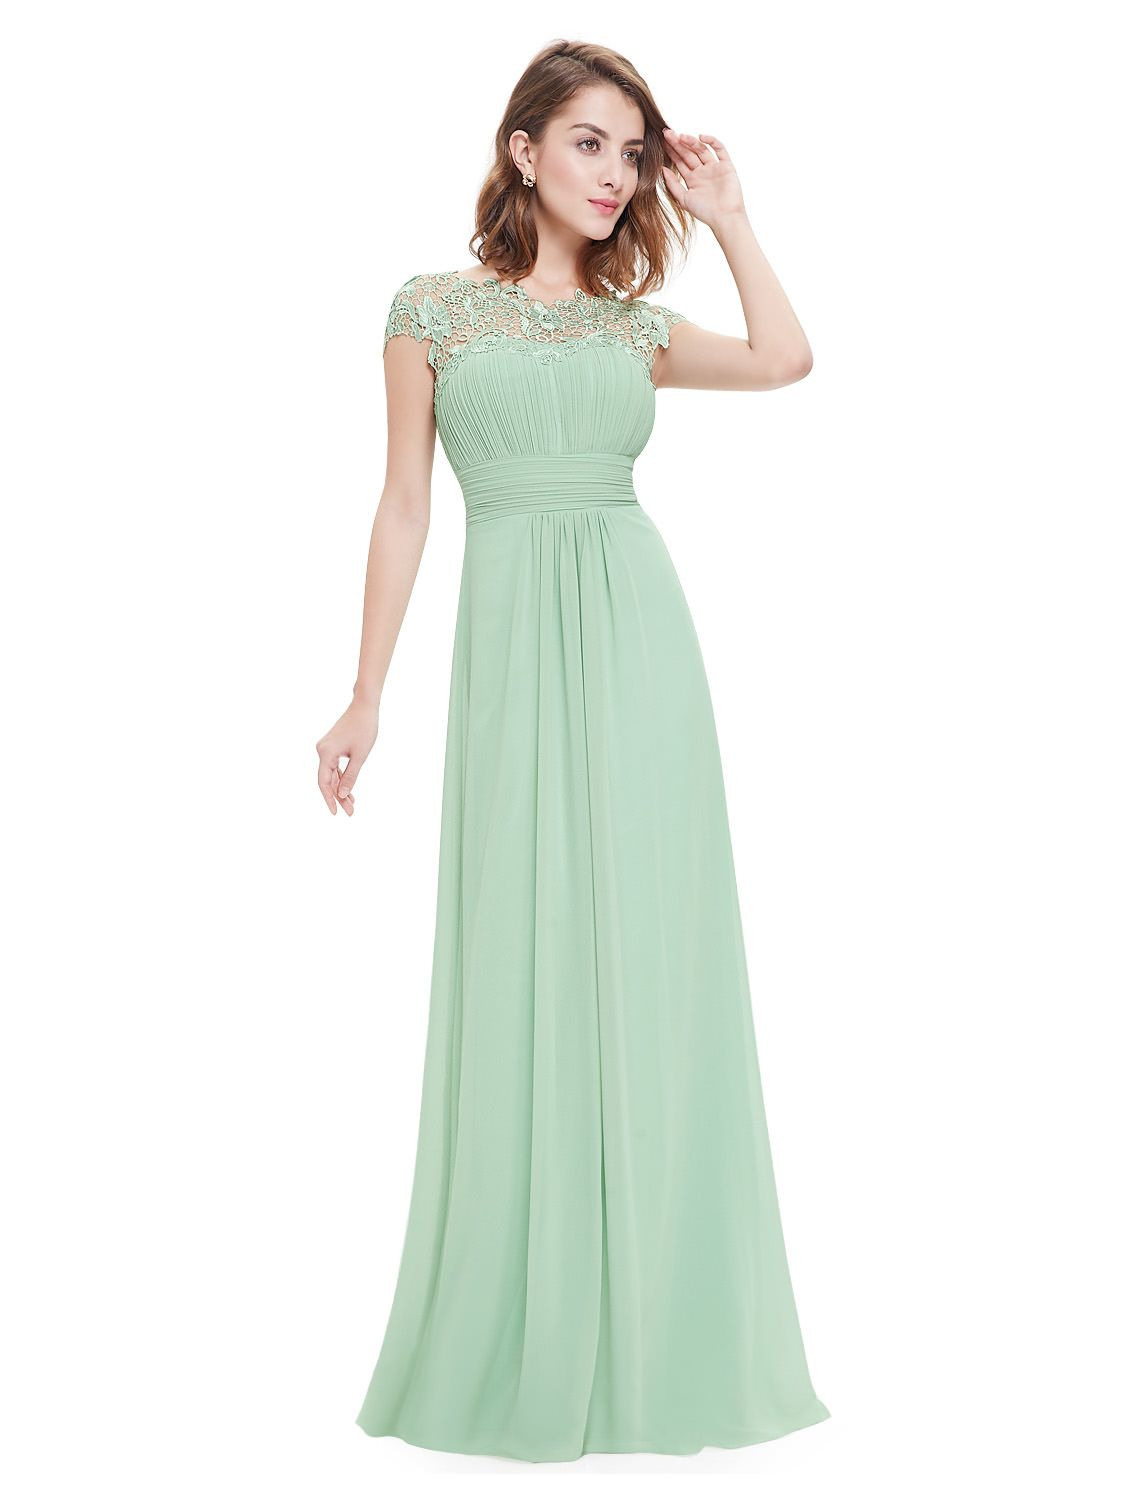 20 Wunderbar Kleid Lang Mint ÄrmelDesigner Ausgezeichnet Kleid Lang Mint Bester Preis